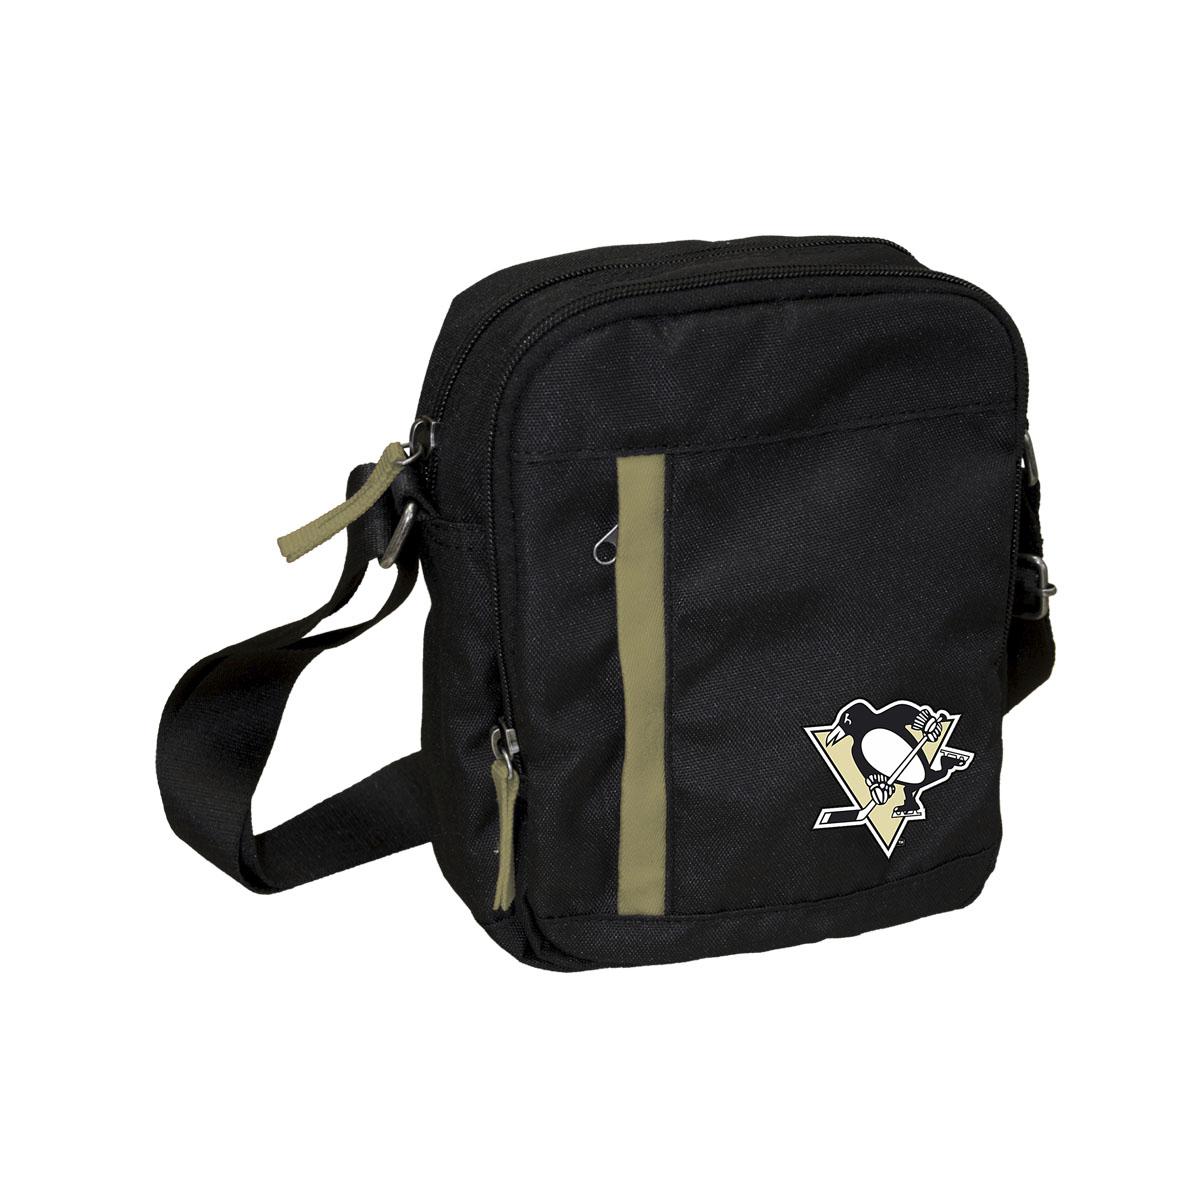 Сумка на ремне NHL Penguins, цвет: черный, 3,5 л. 58018106648Универсальная сумка NHL Penguins на регулируемом плечевом ремне имеет два отделения на молнии. Внешний карман на молнии отделан контрастной полосой. Основное отделение содержит четыре небольших кармана для мелочей, один из них на молнии. Сумка украшена эмблемой хоккейной команды Penguins.